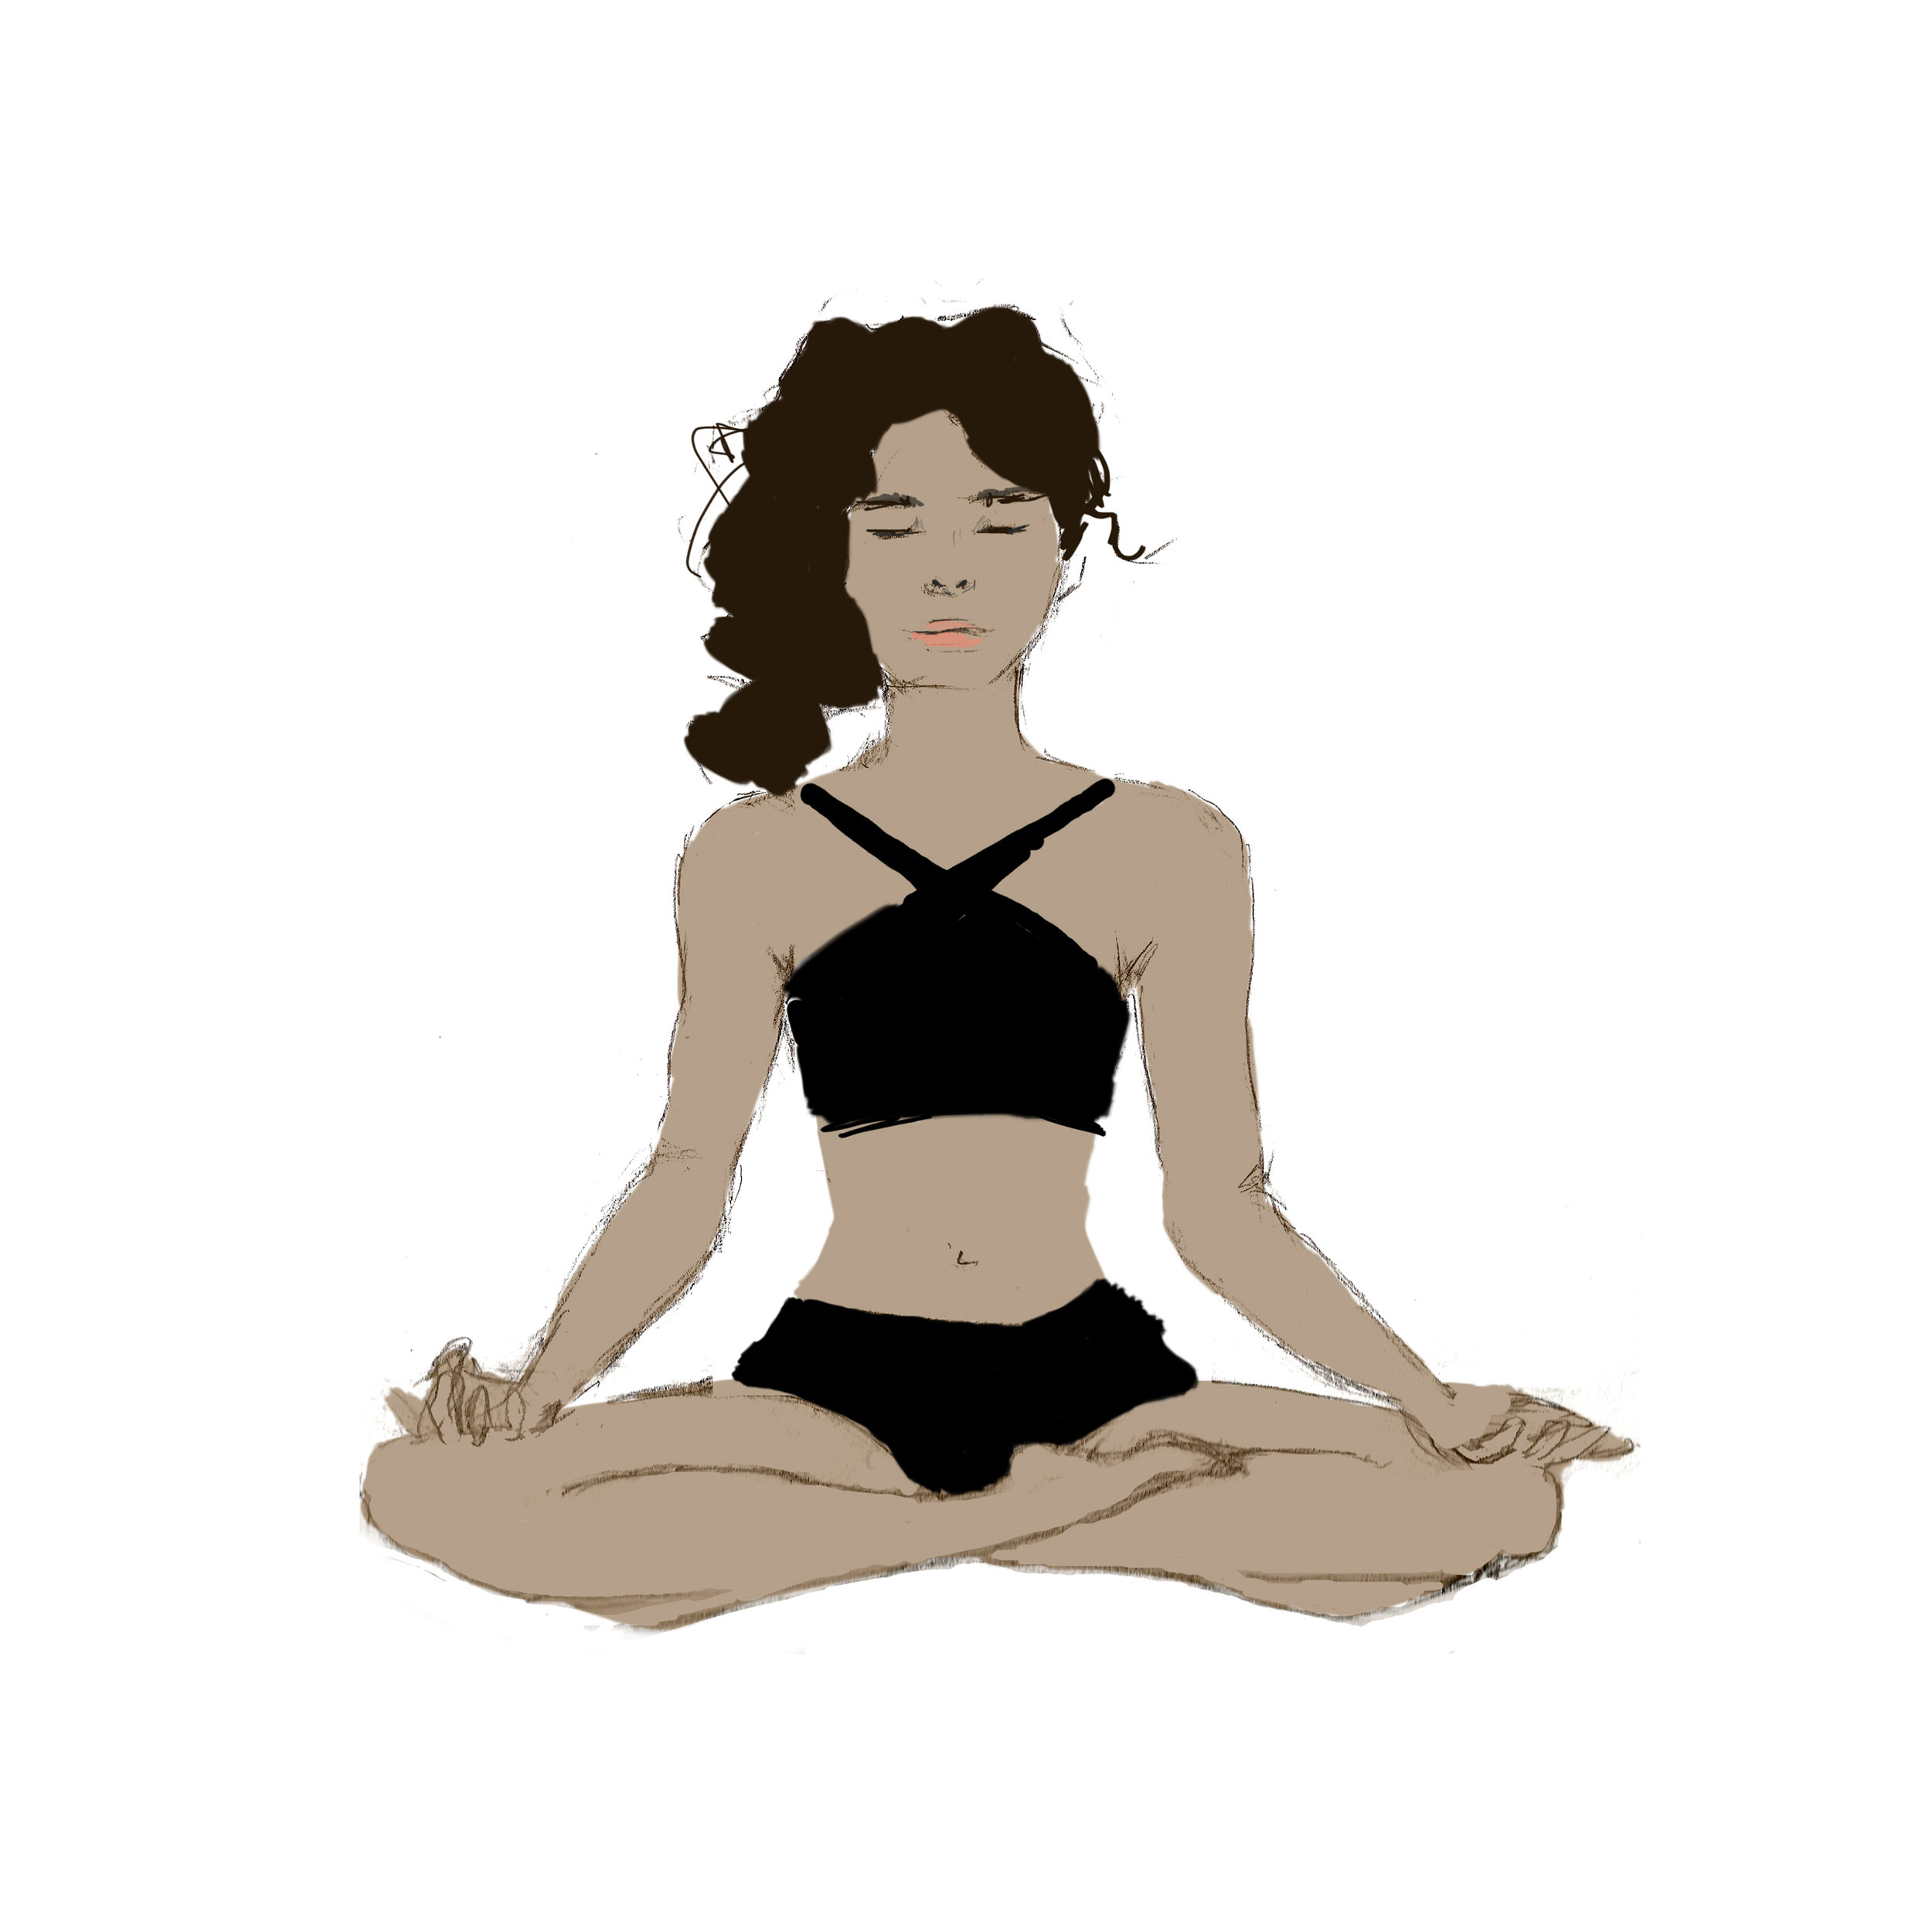 YogaIllustrationByPasadya.jpg